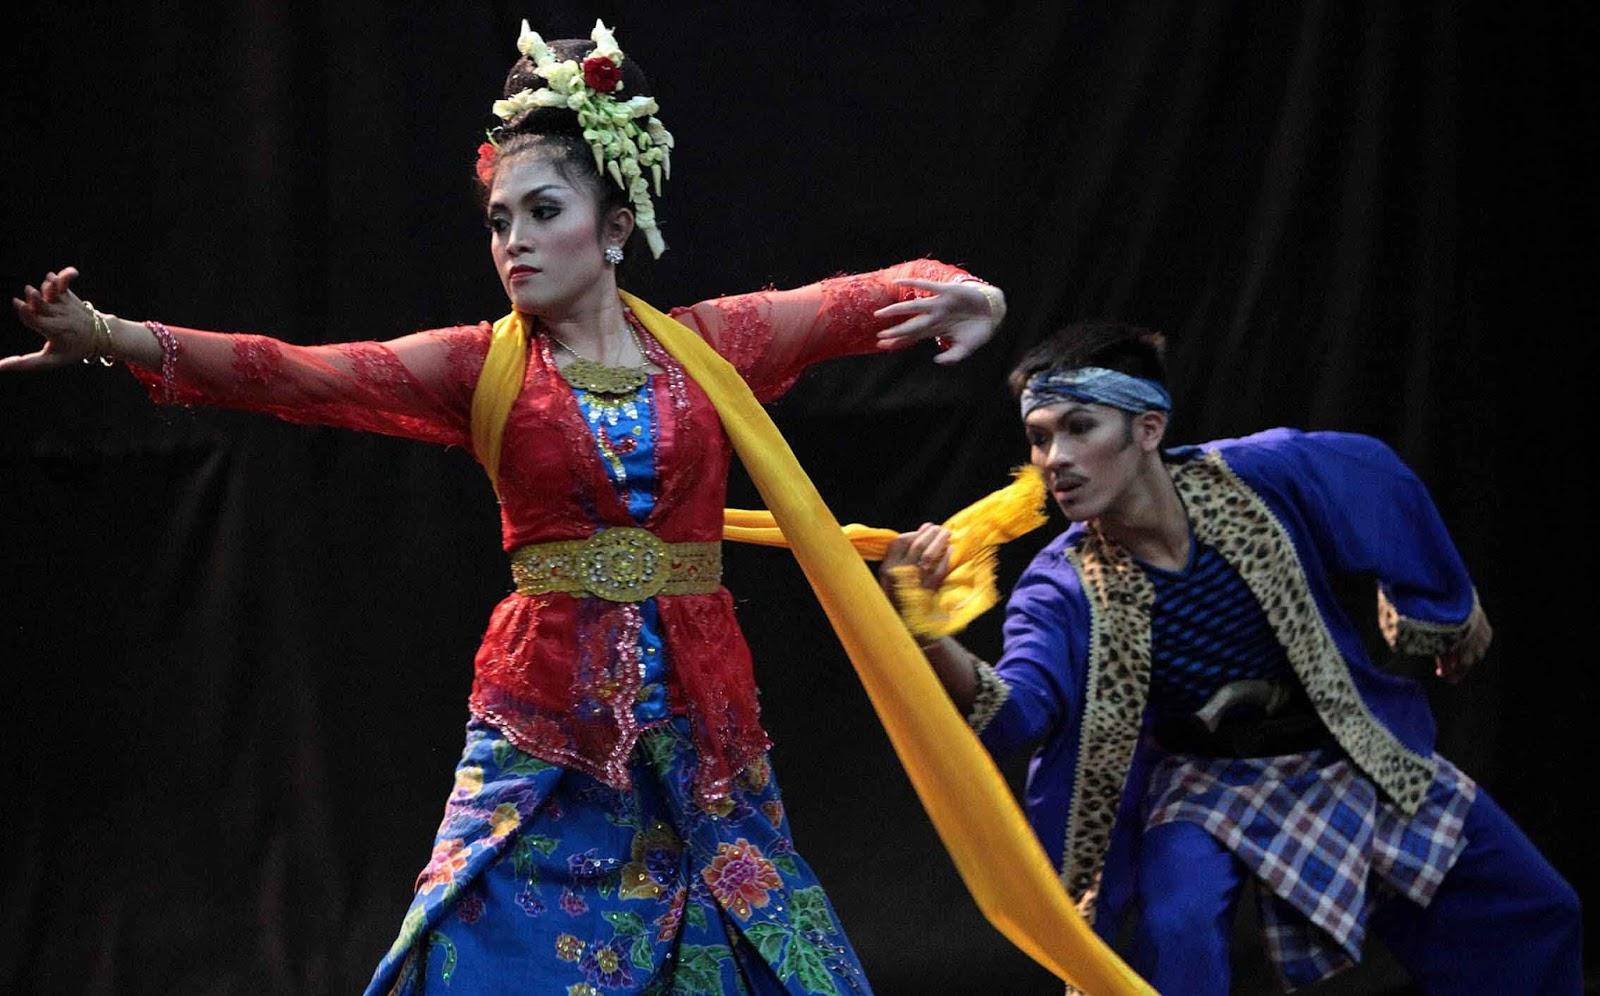 Tari Ketuk Tilu, Tarian Tradisional Dari Provinsi Jawa Barat